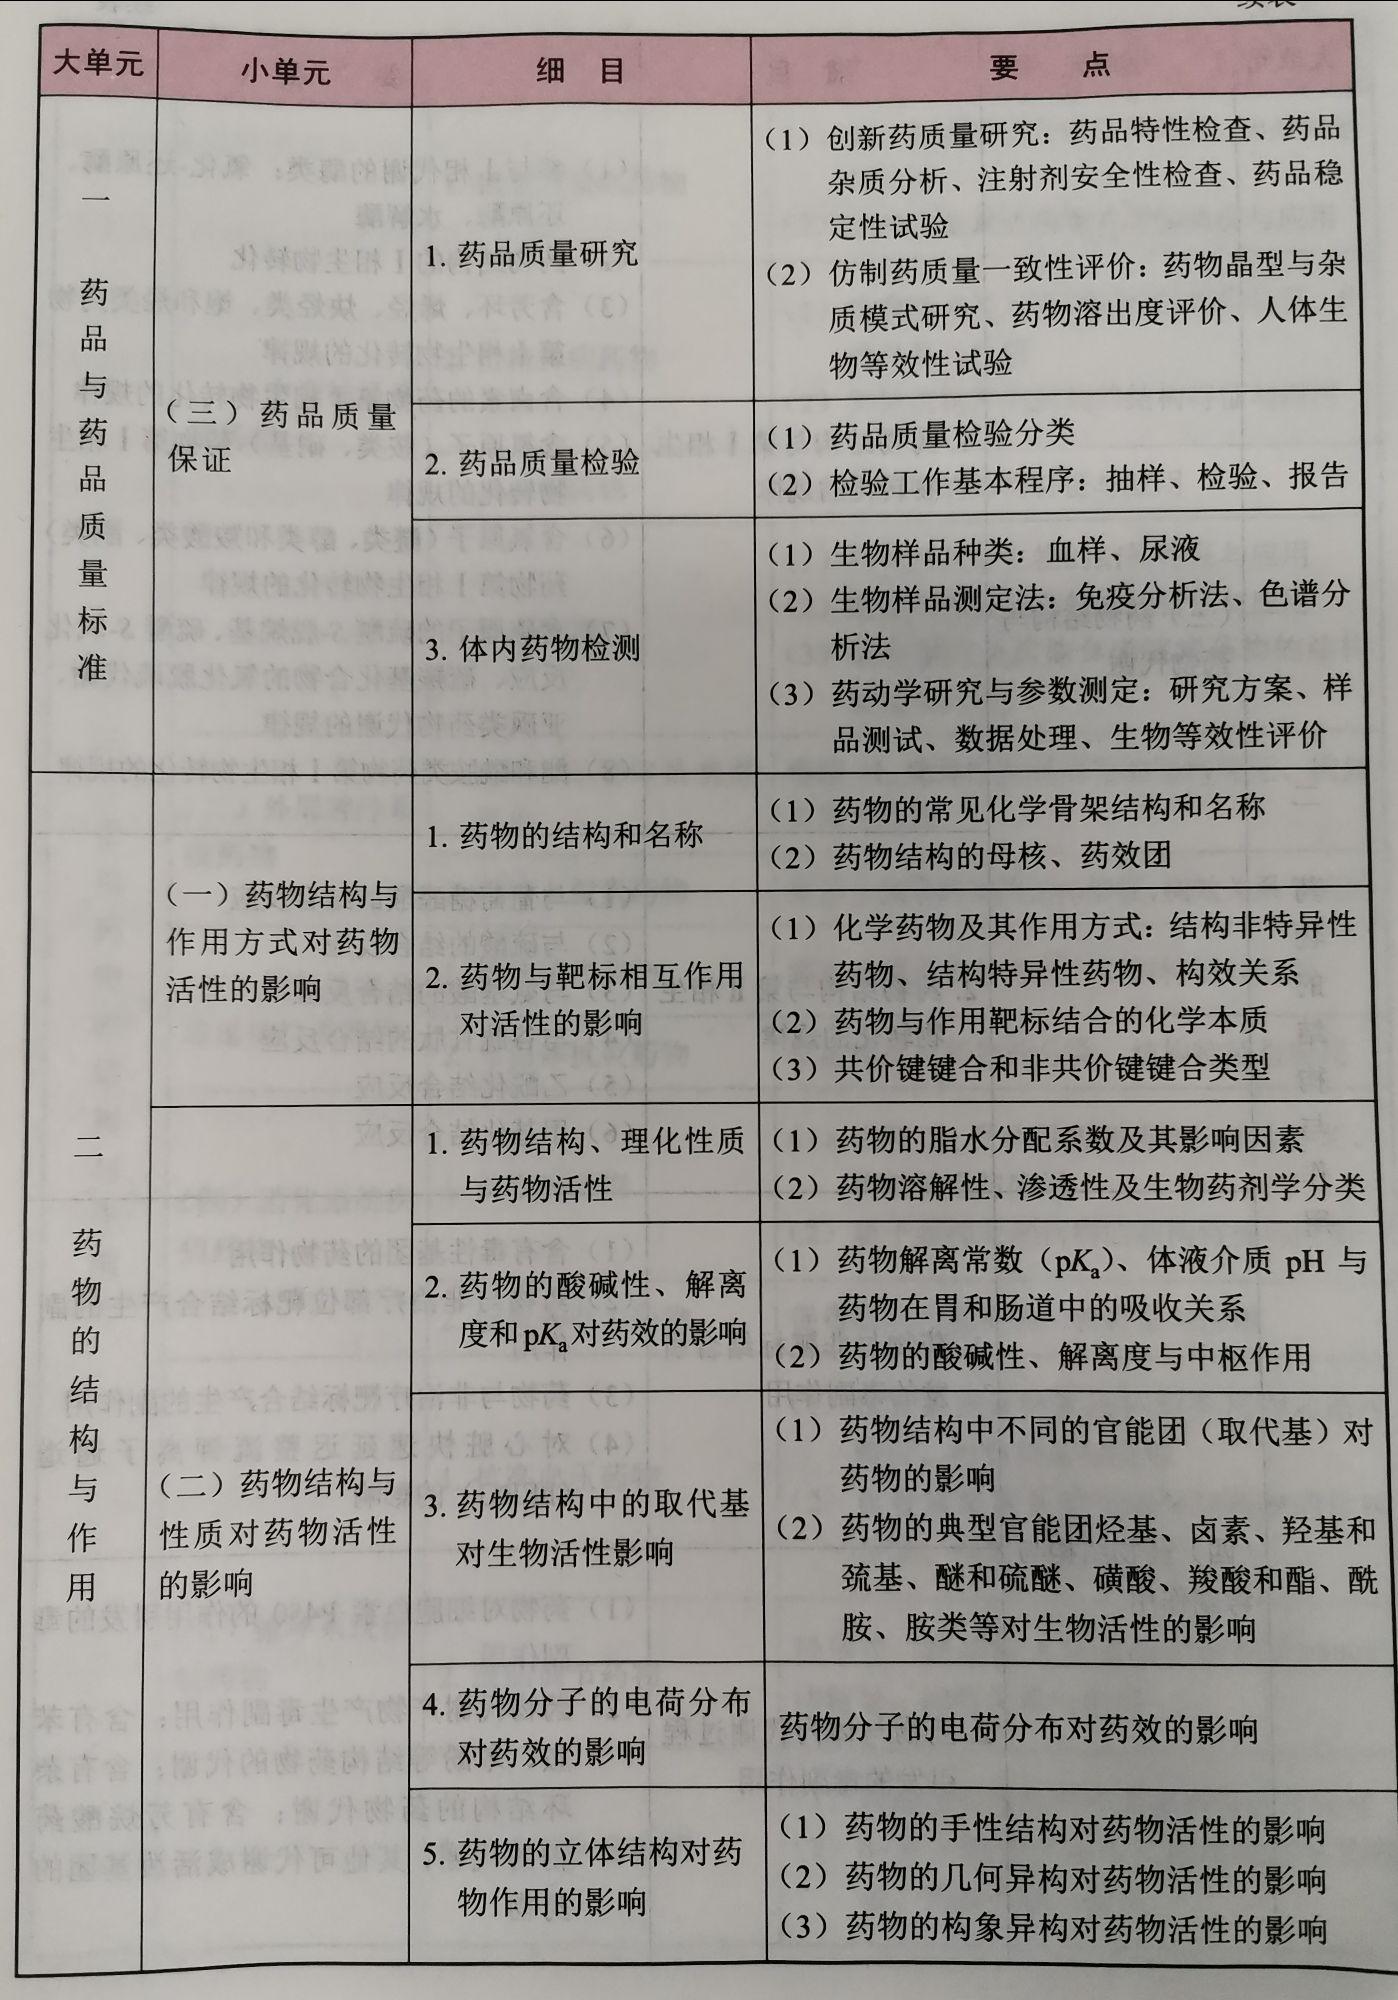 2021年执业药师《药学专业知识一》考试大纲2